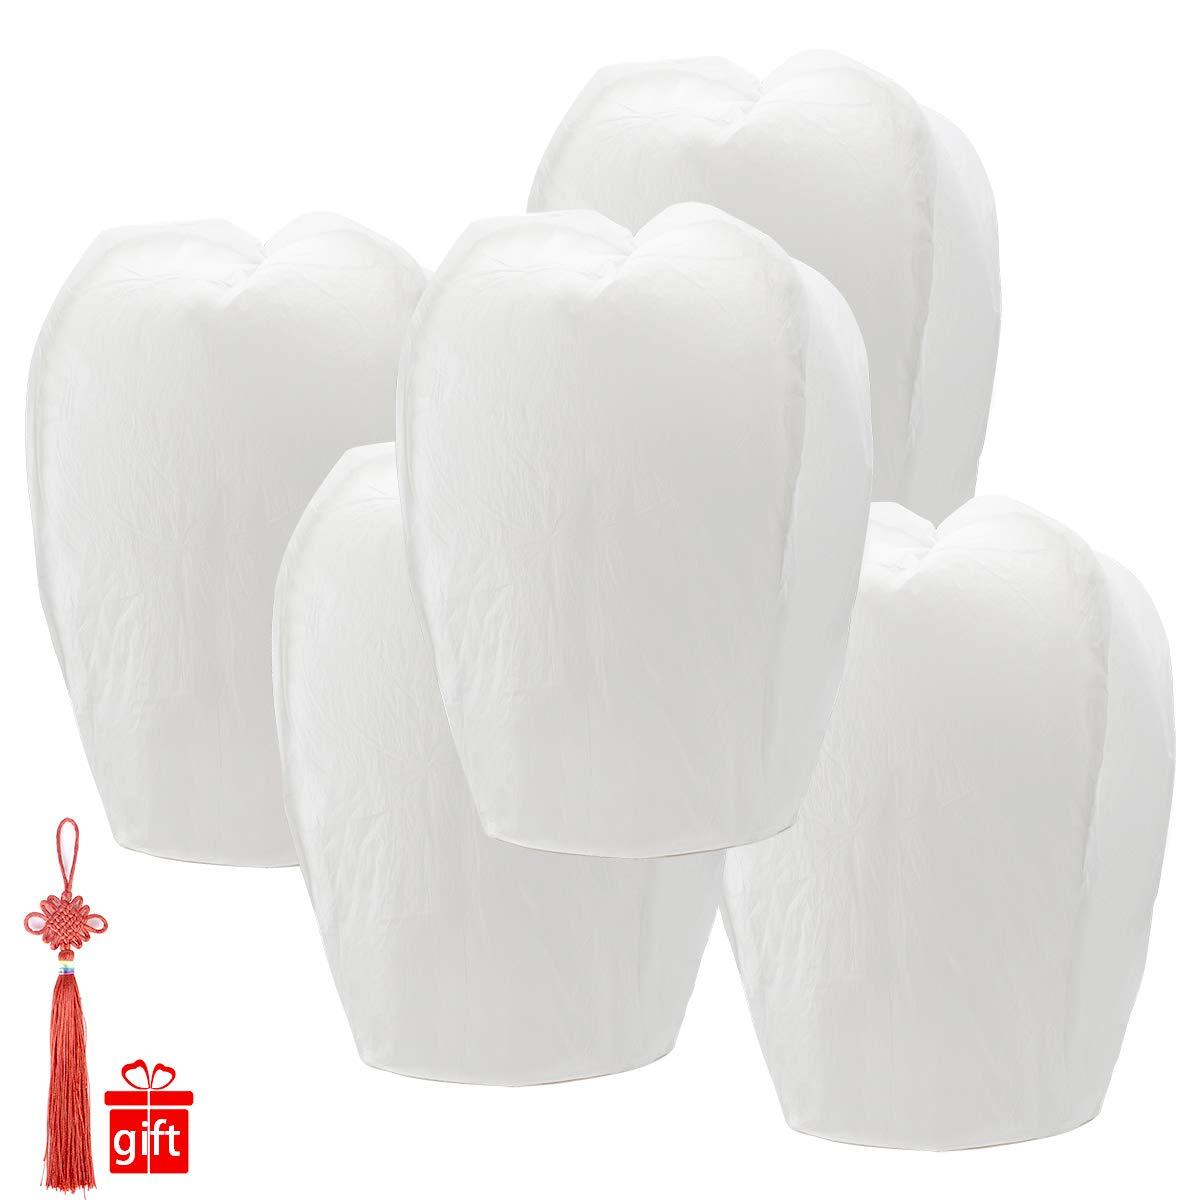 Chinese Lanterns 20-Pack - 100% Biodegradable, Paper Lantern - Japanese Lantern for Weddings, Celebrations, Memorial Ceremonies - White Flying Wish Lanterns